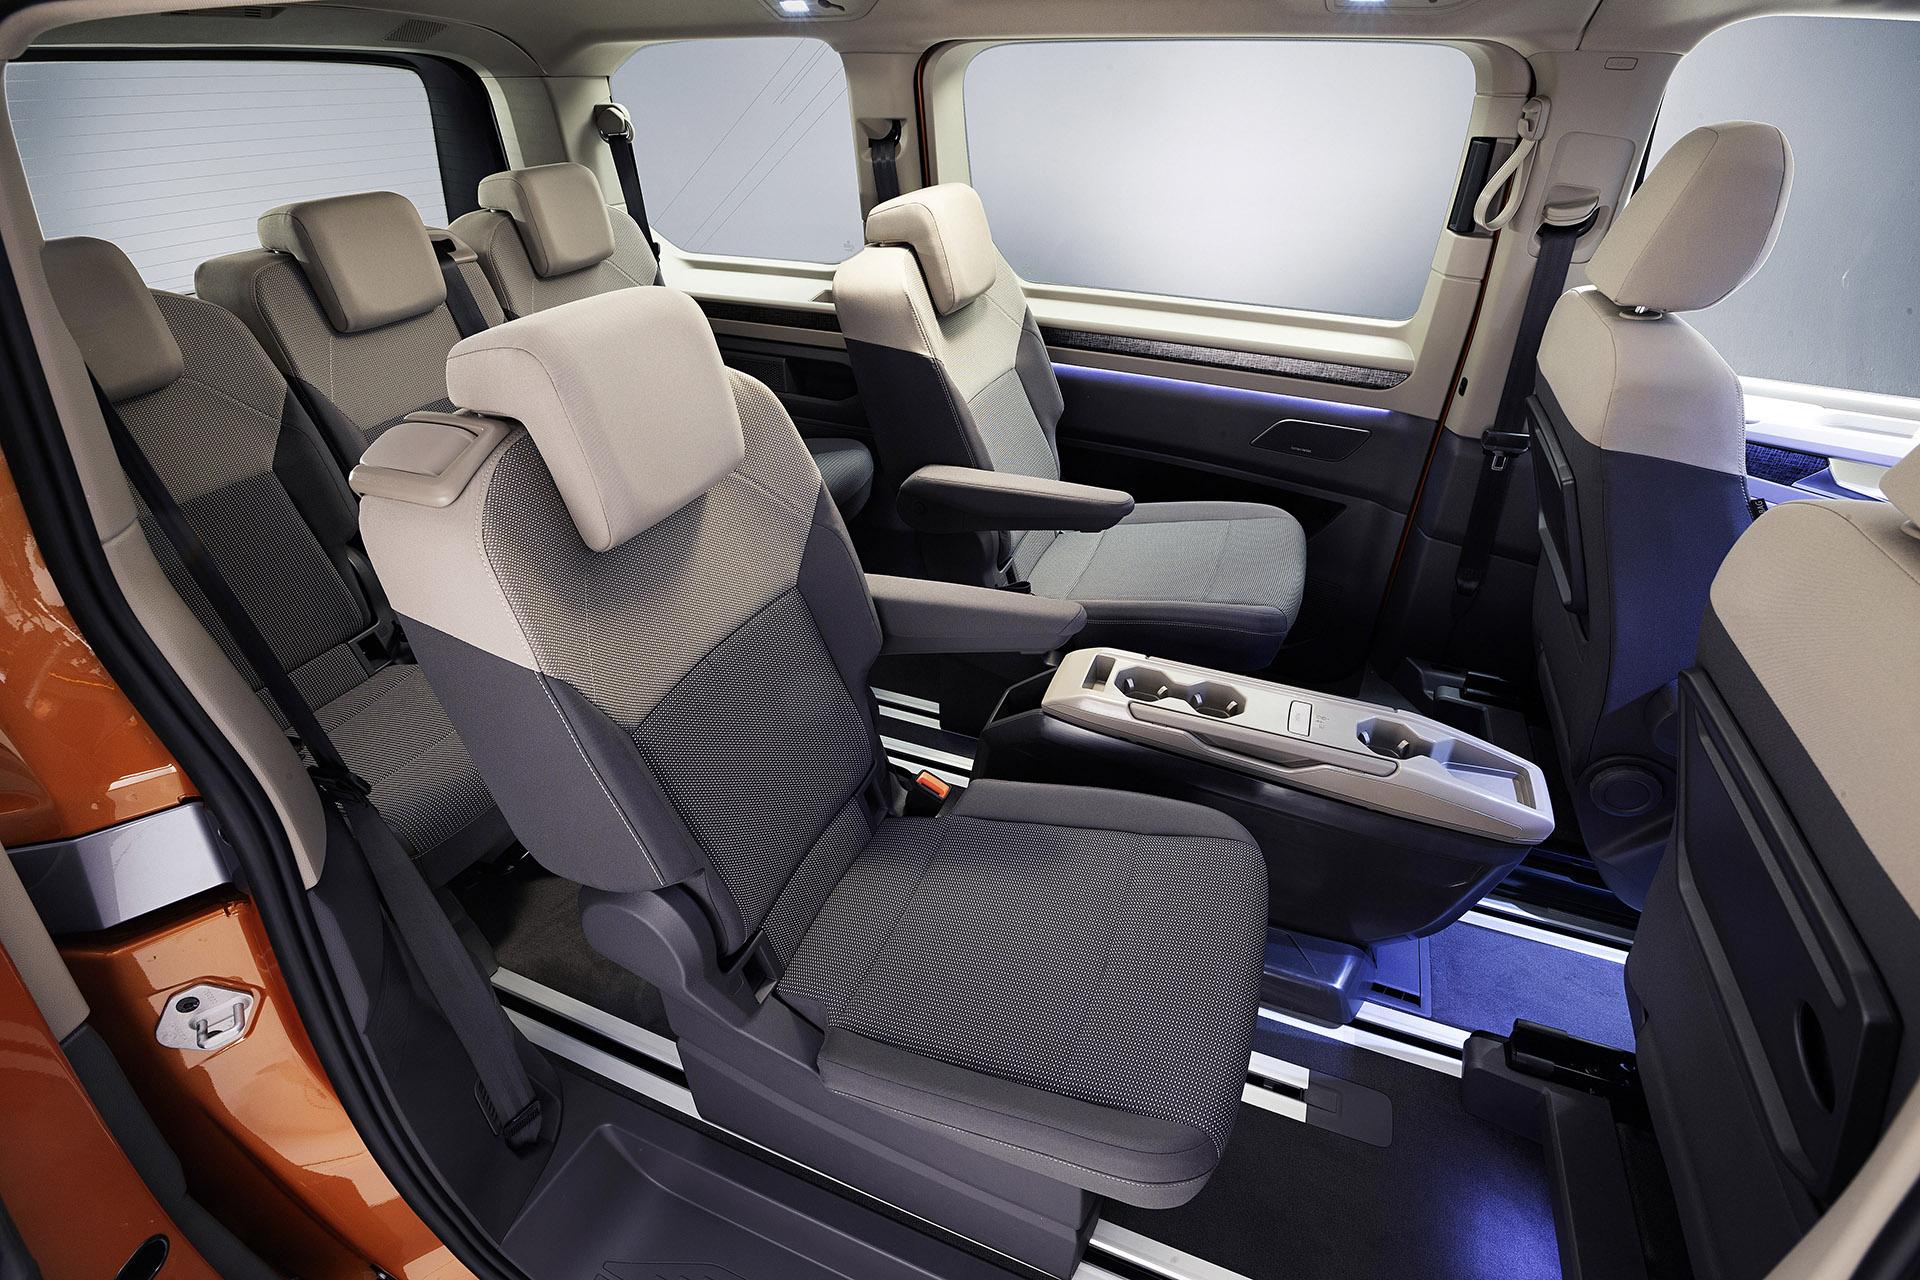 Volkswagent-T7-Multivan-interior-2.jpg